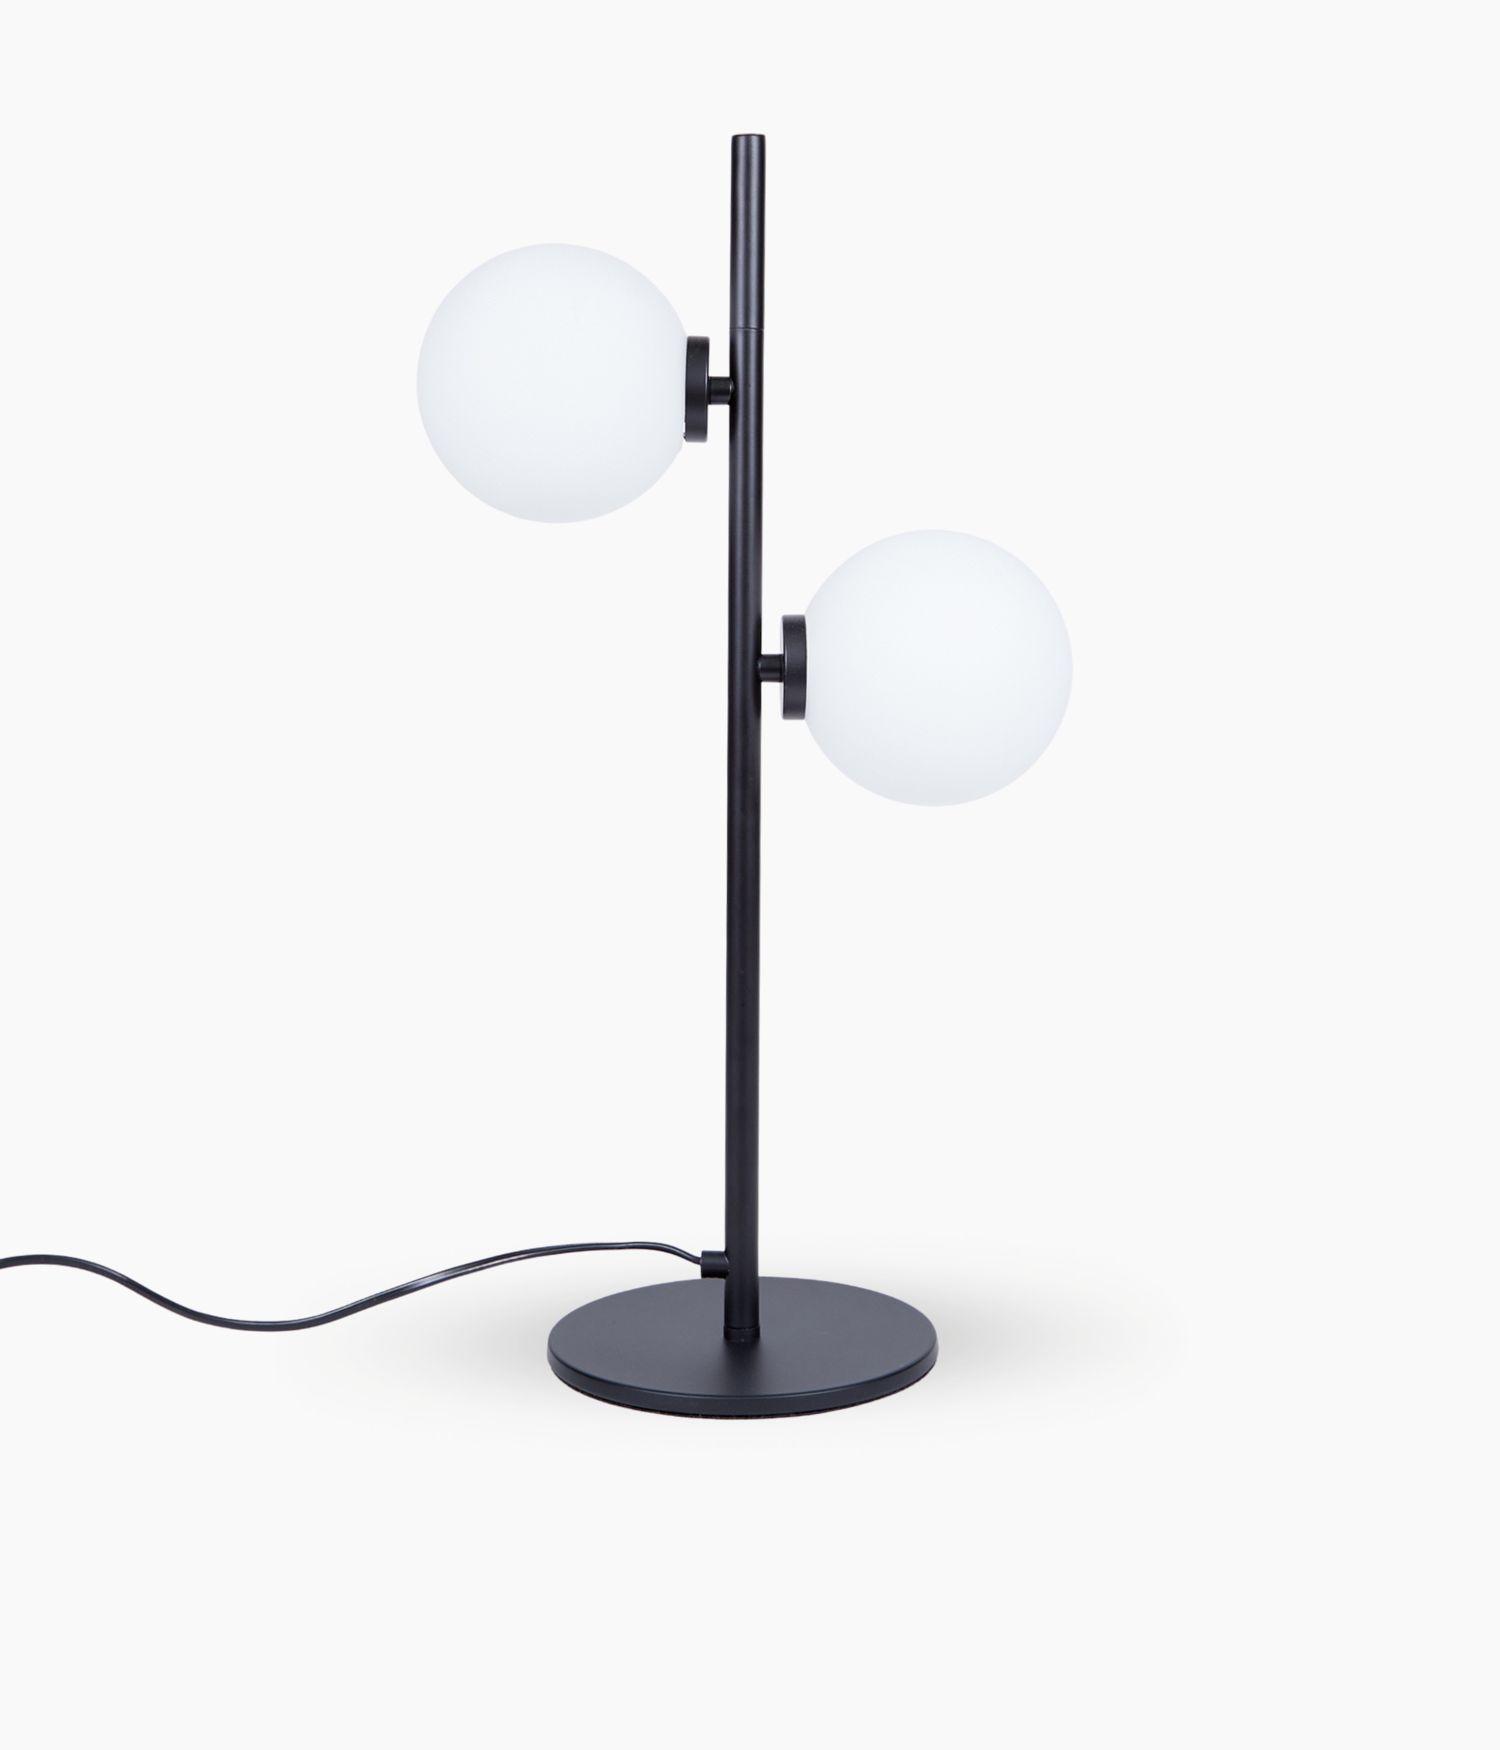 Lampe 2 globes Noire